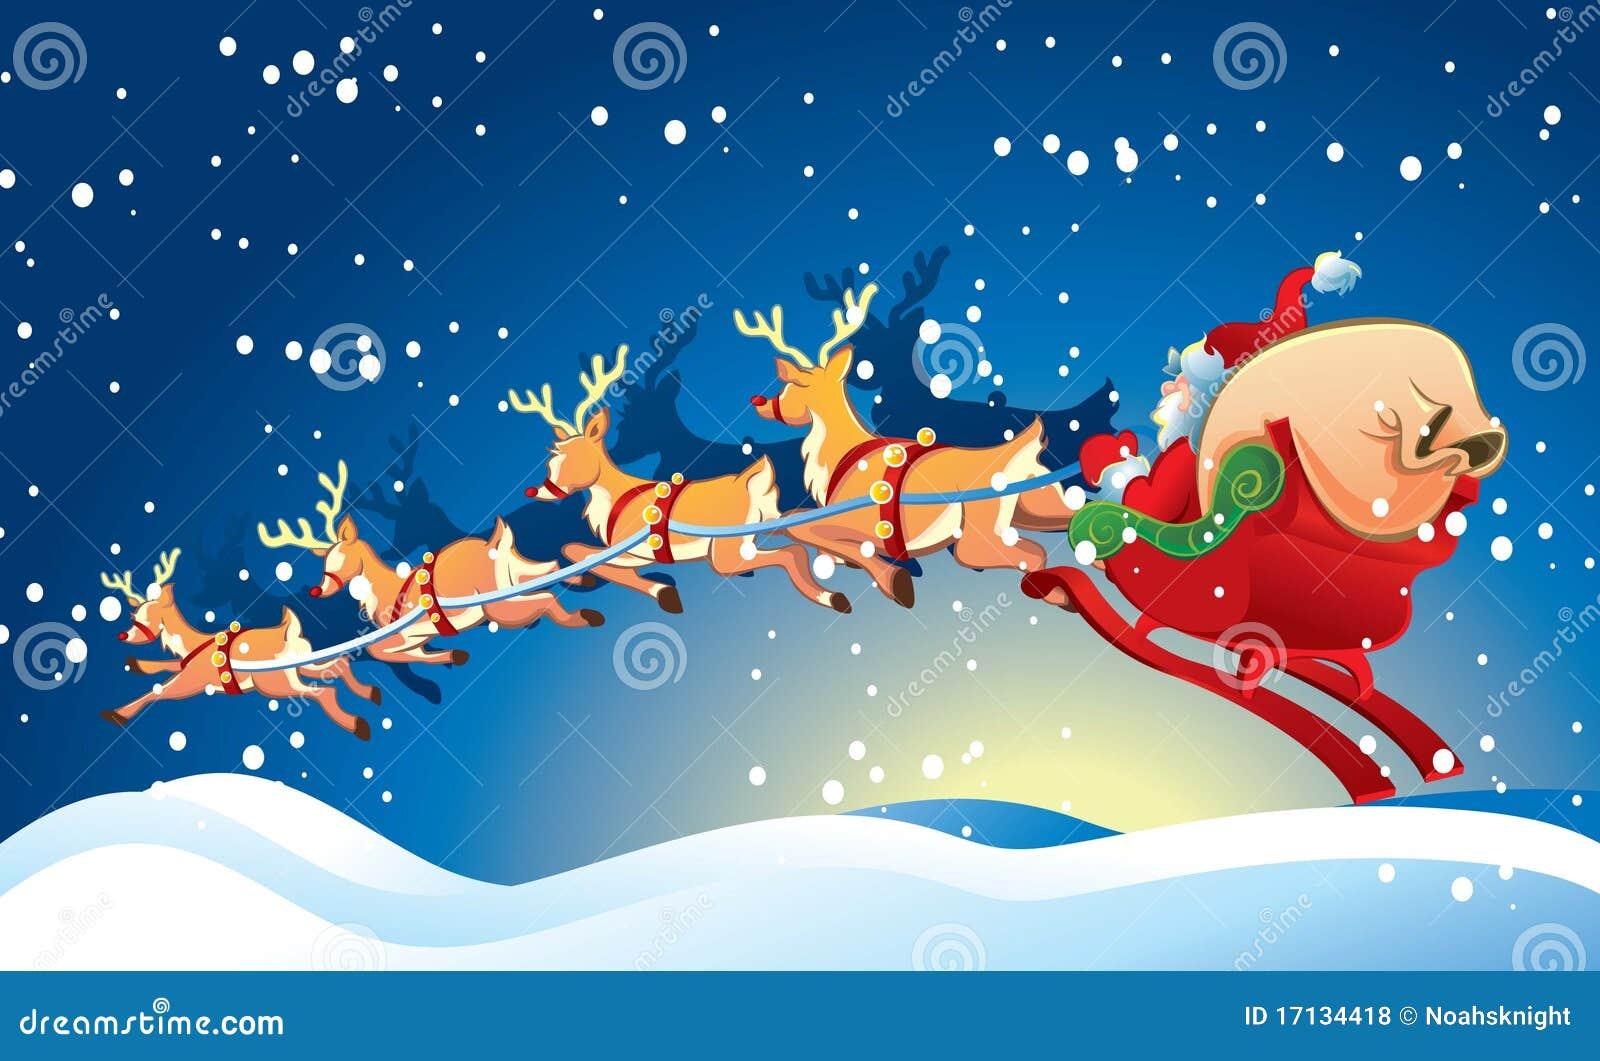 Schlitten Mit Weihnachtsmann Stock Abbildung - Illustration von ...